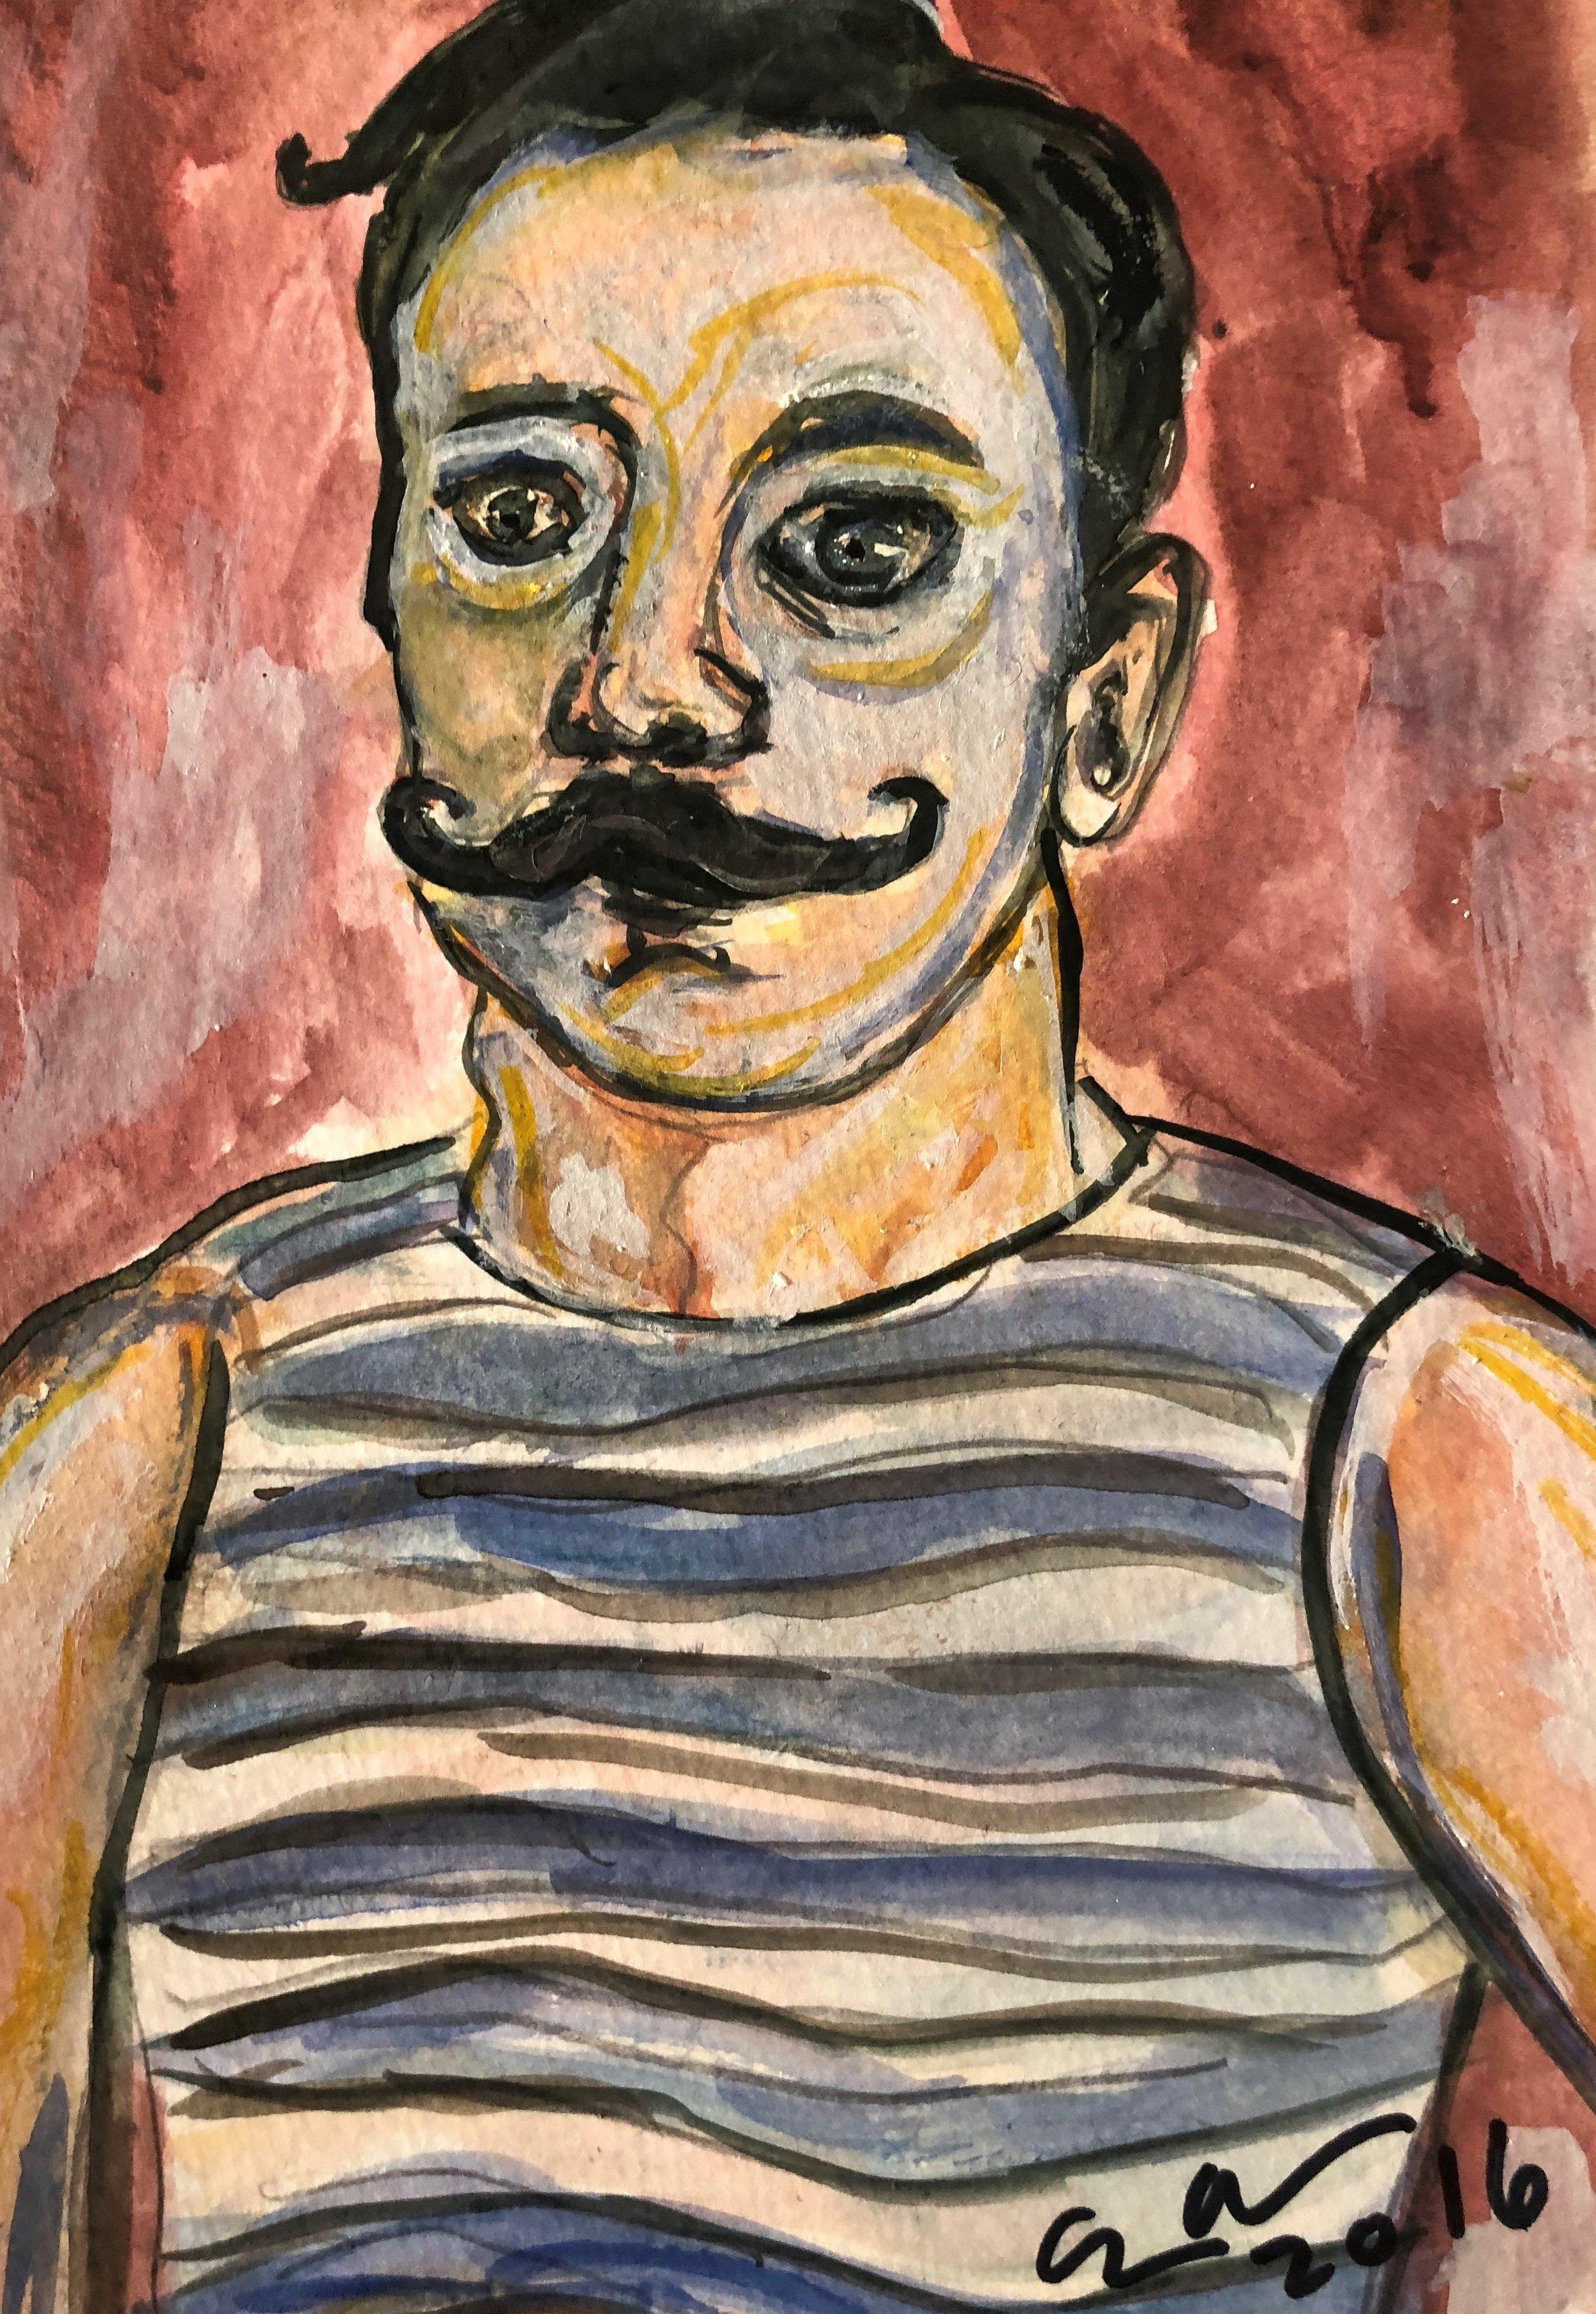 Mustache Man # 8